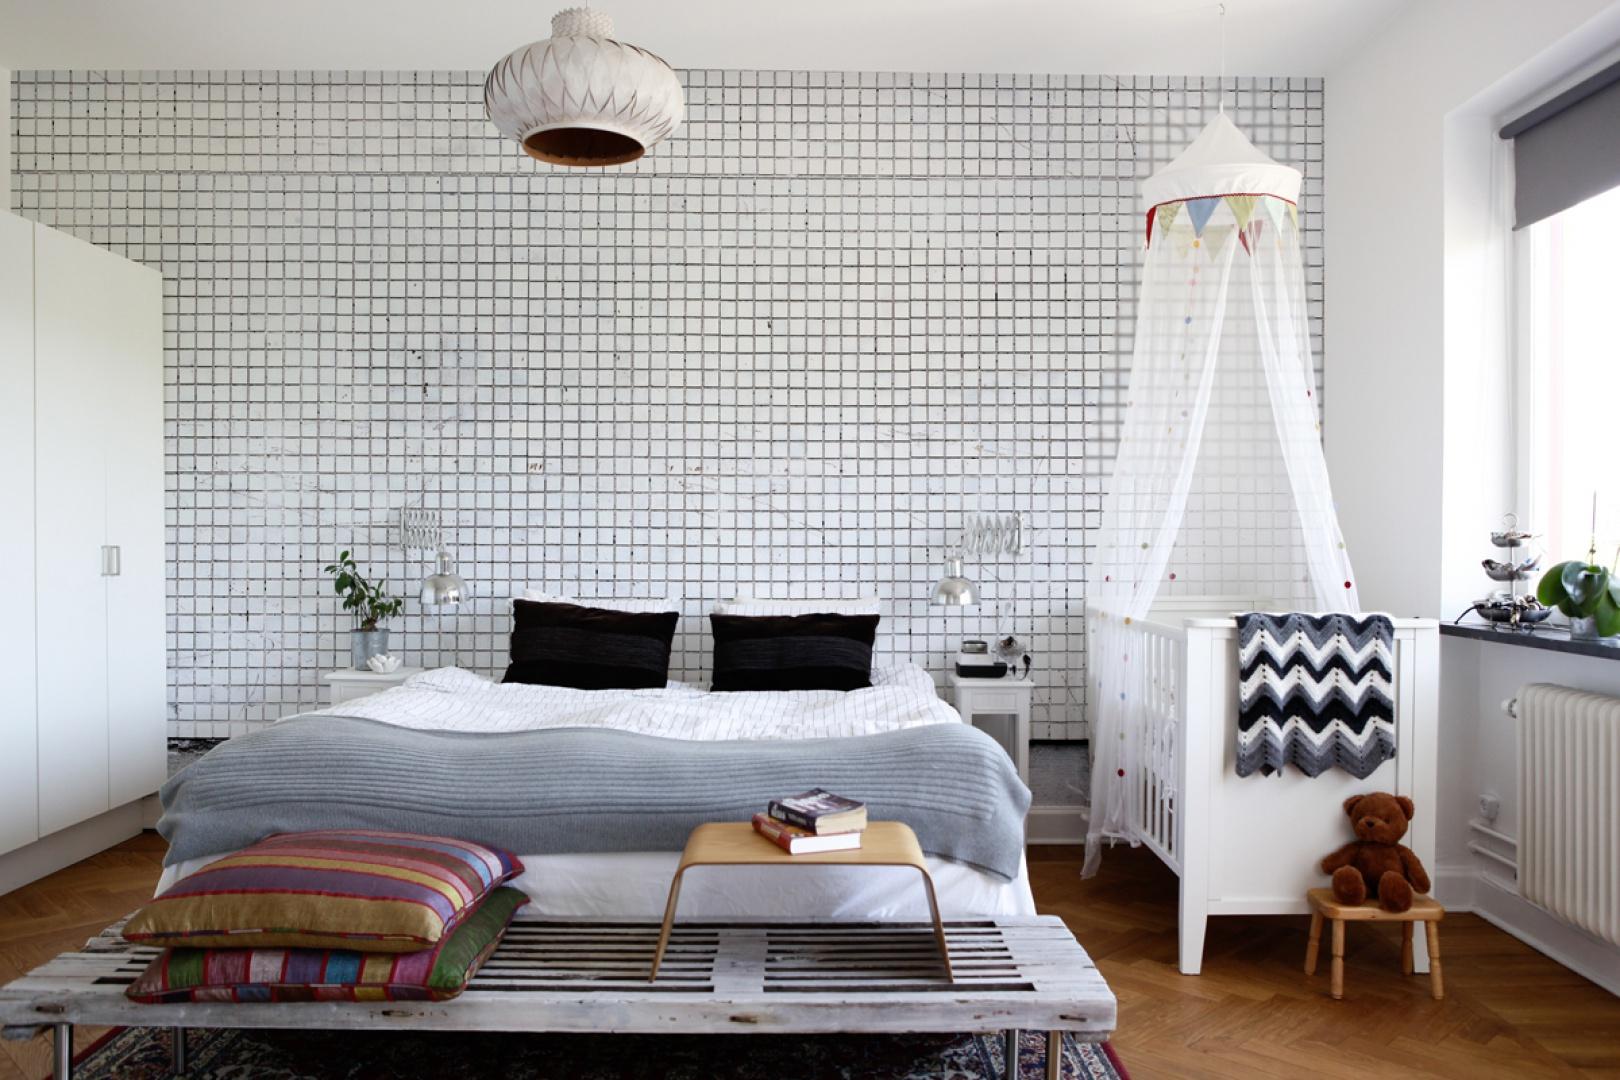 Tapeta nadaje wnętrzu charakter. To doskonały sposób, jeśli chcesz by twoja sypialnia była inna niż wszystkie. Fot. Mr Perswall.